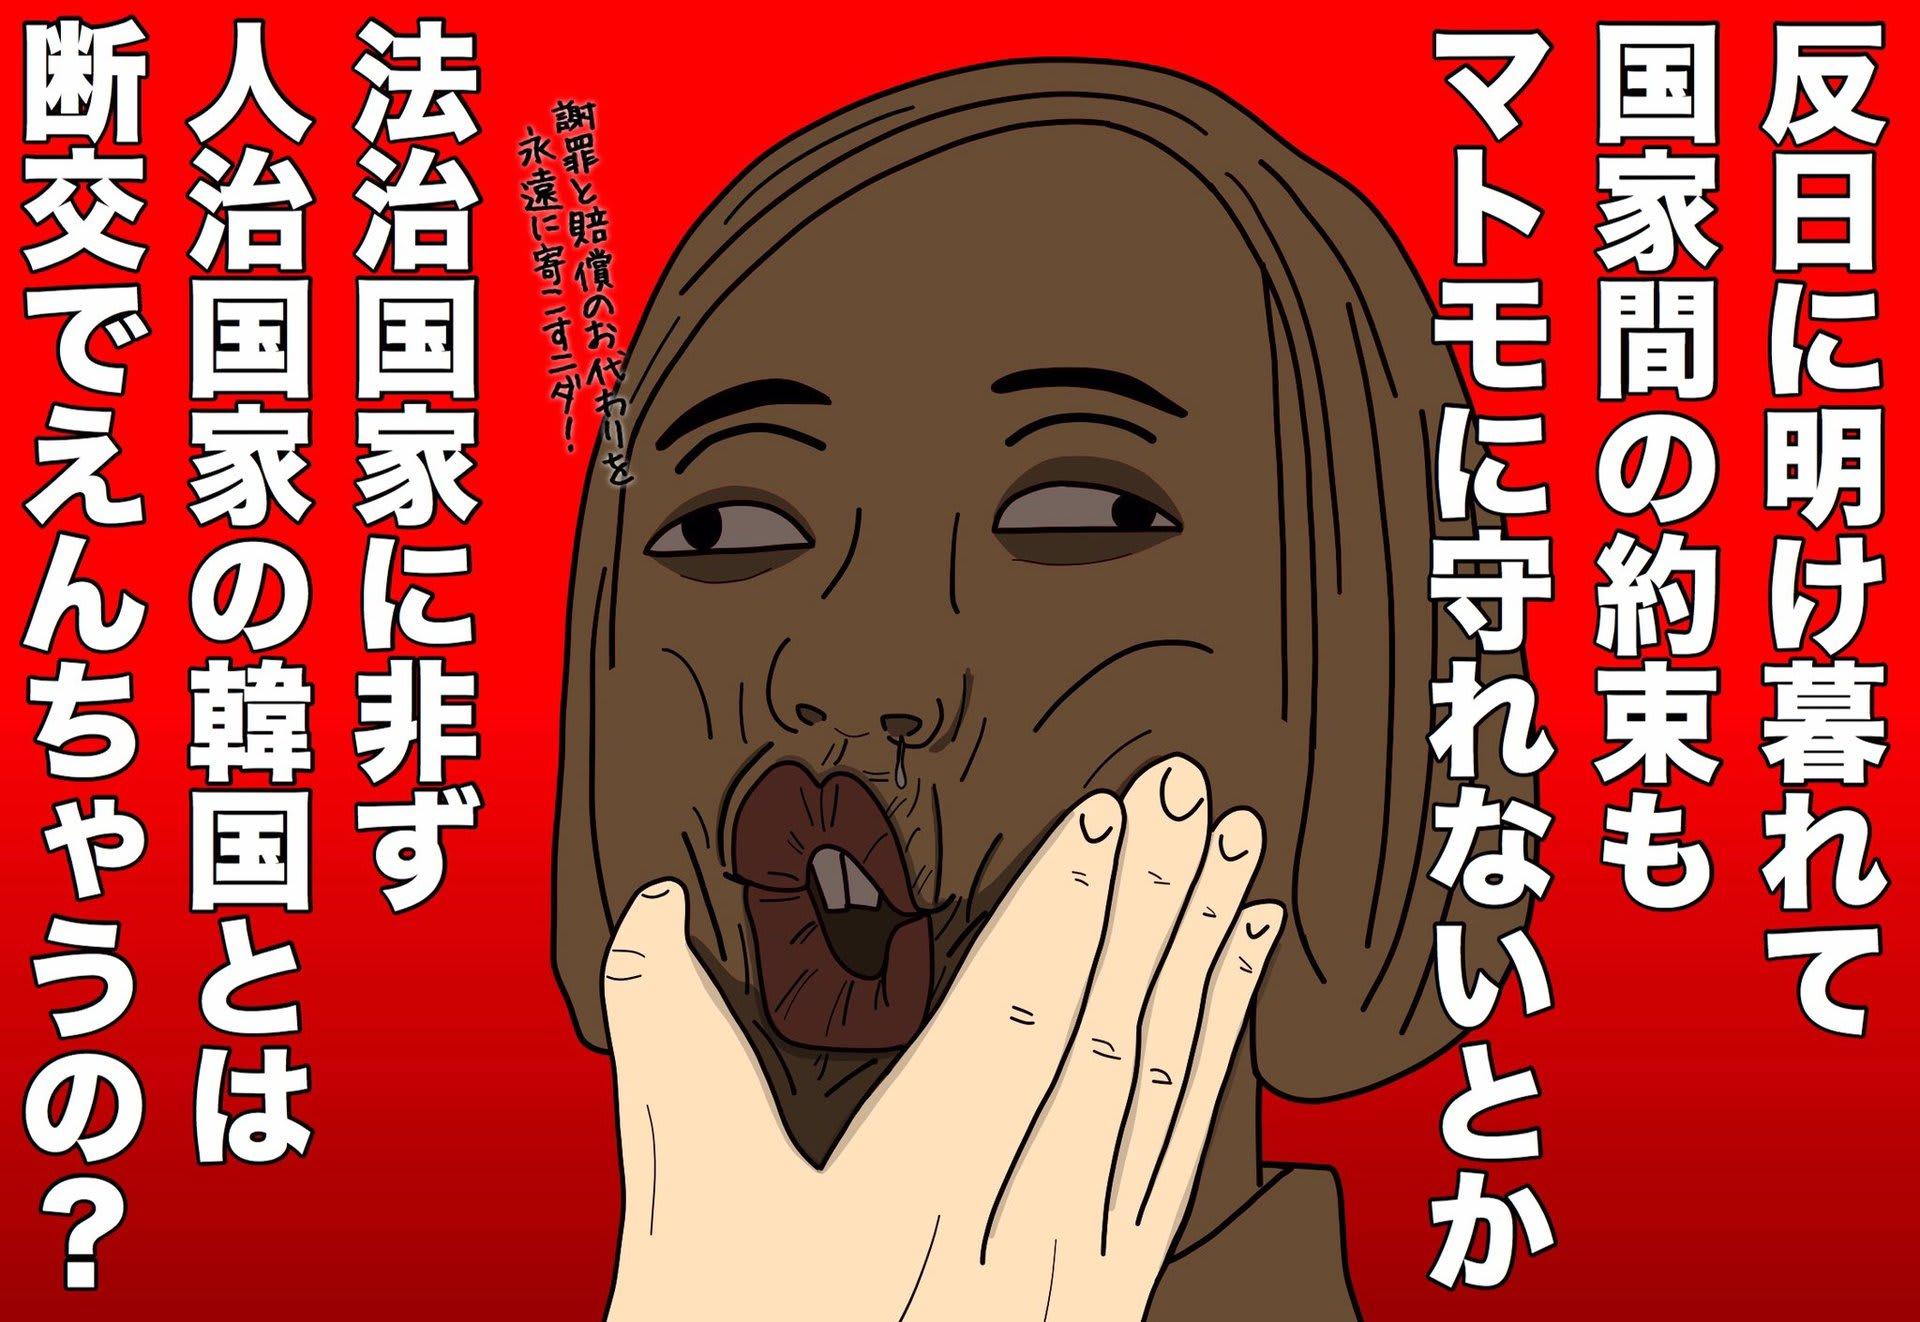 日韓合意 に対する画像結果